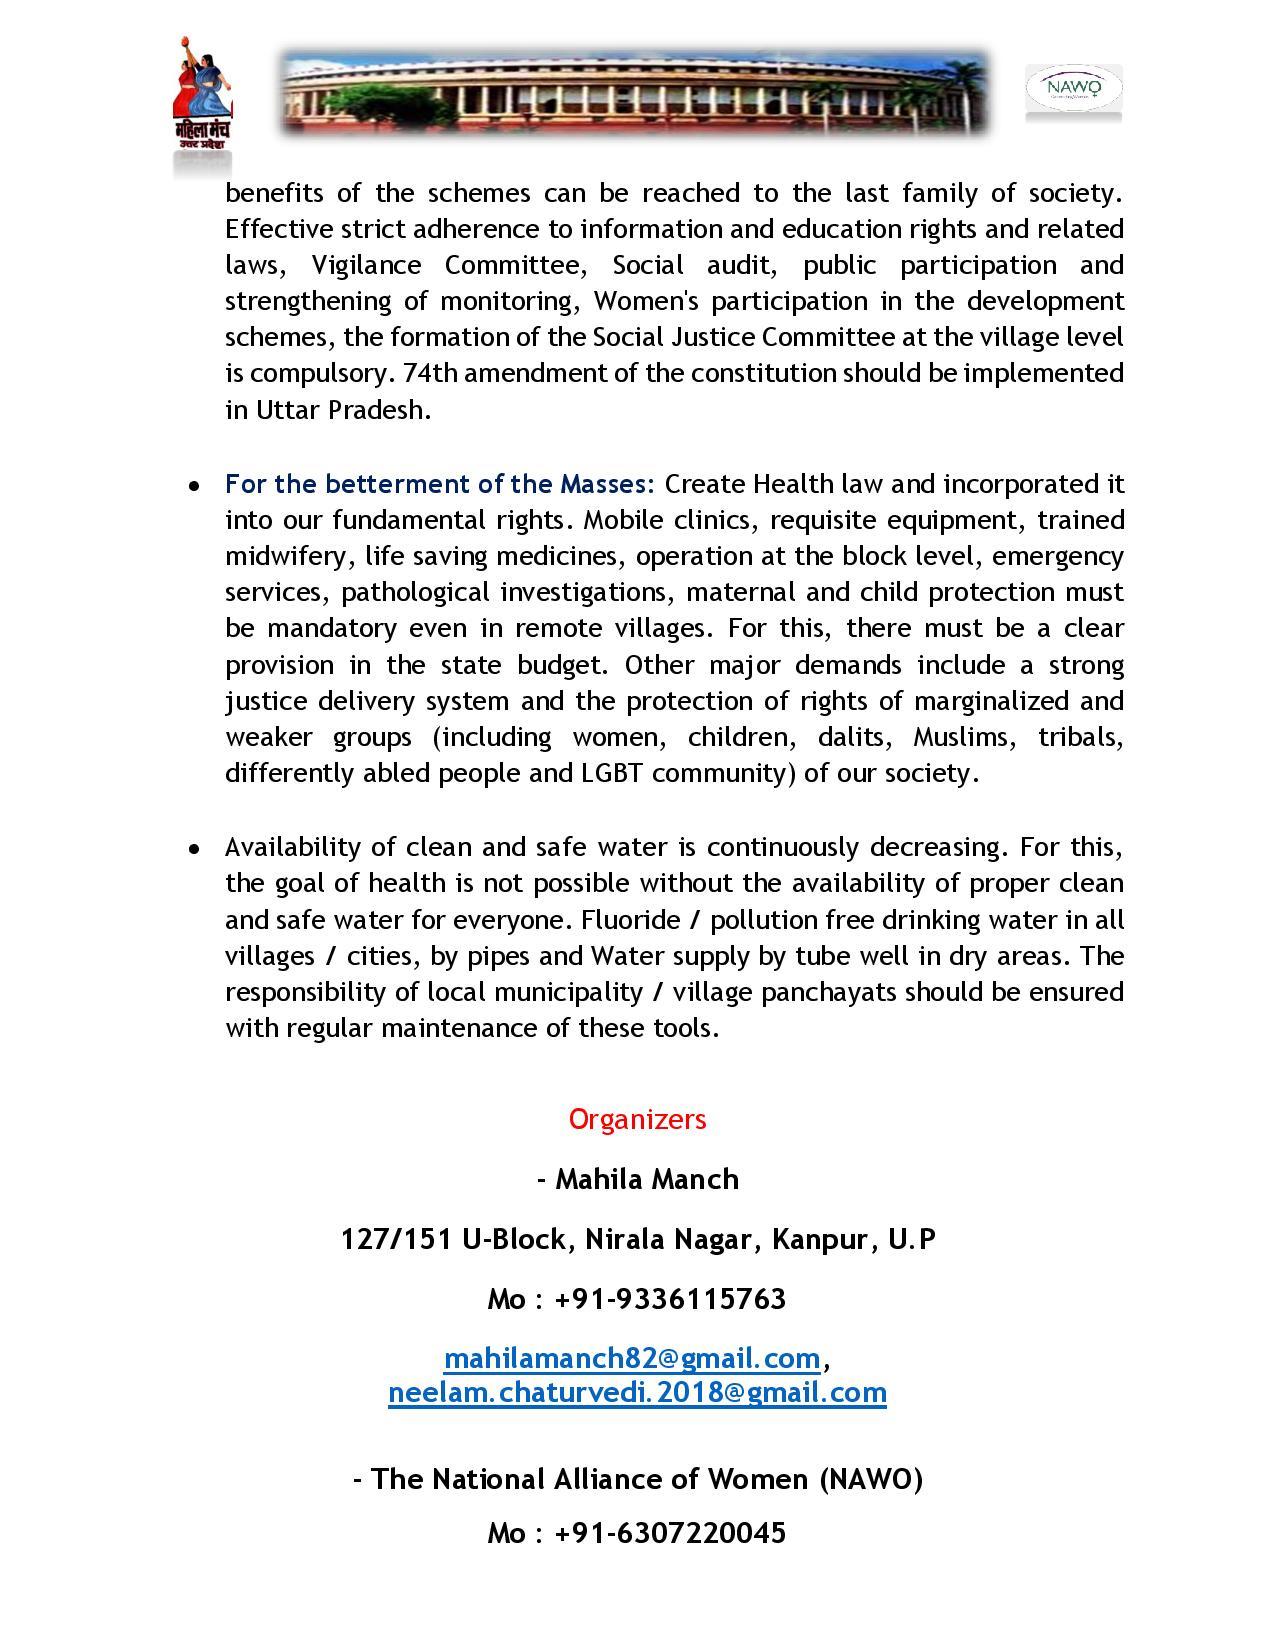 People Manifesto 2019 Mahila manch & NAWO) english-page-006.jpg